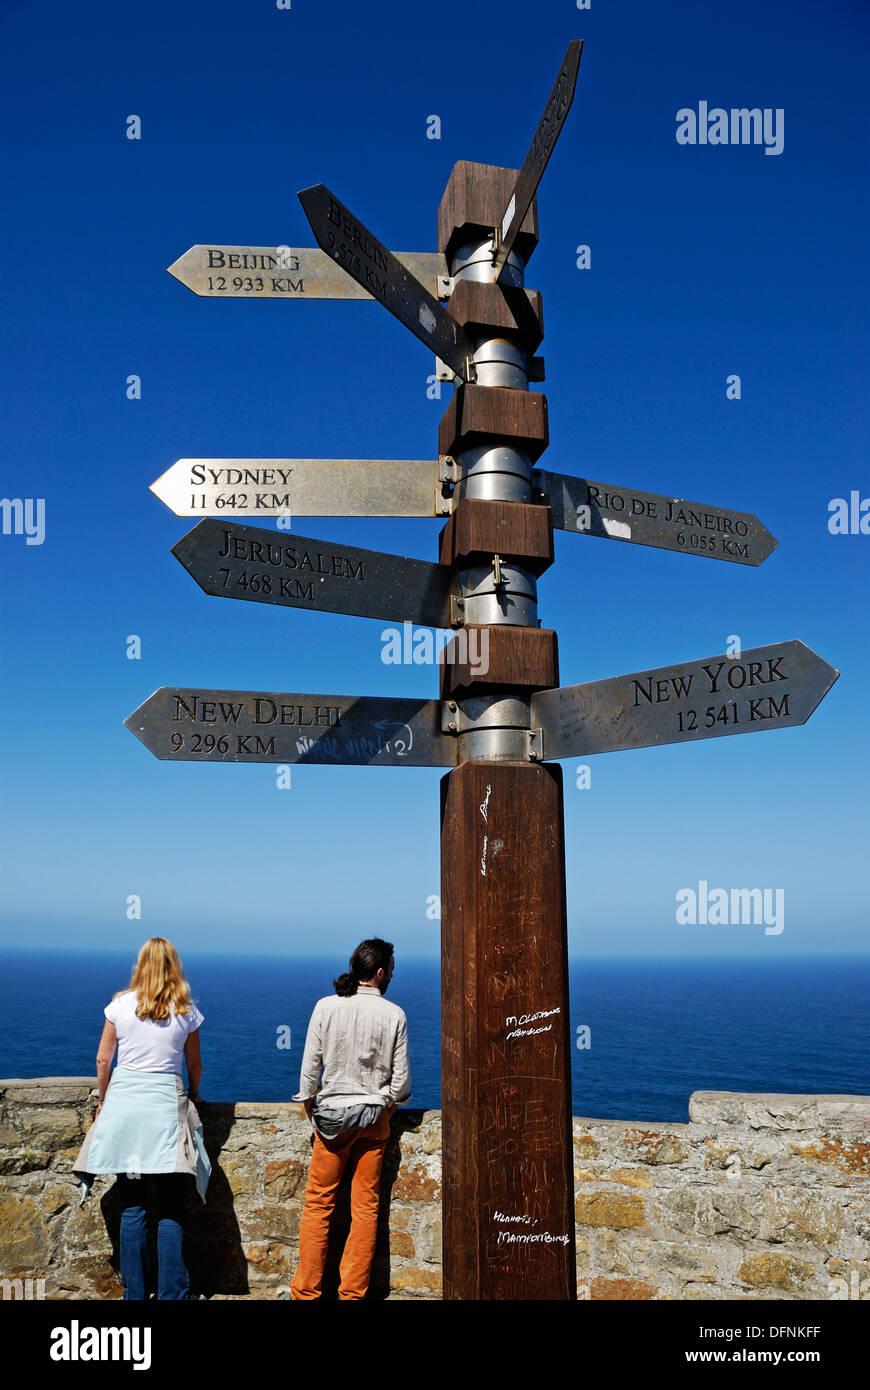 Couple d'après la distance, la marque d'une capital cities, Cap de Bonne Espérance, Province de Western Cape, Afrique Banque D'Images